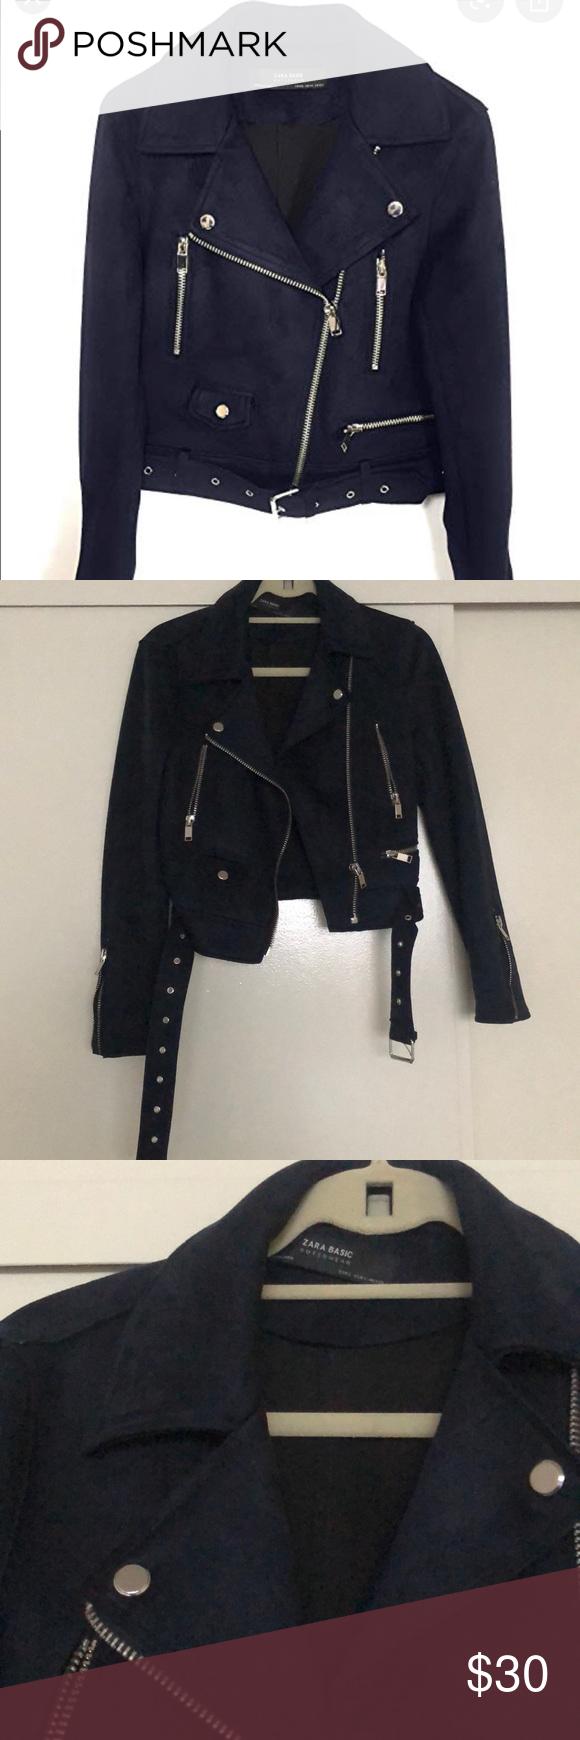 Zara Basic Faux Suede Biker Jacket in Navy Beautiful deep